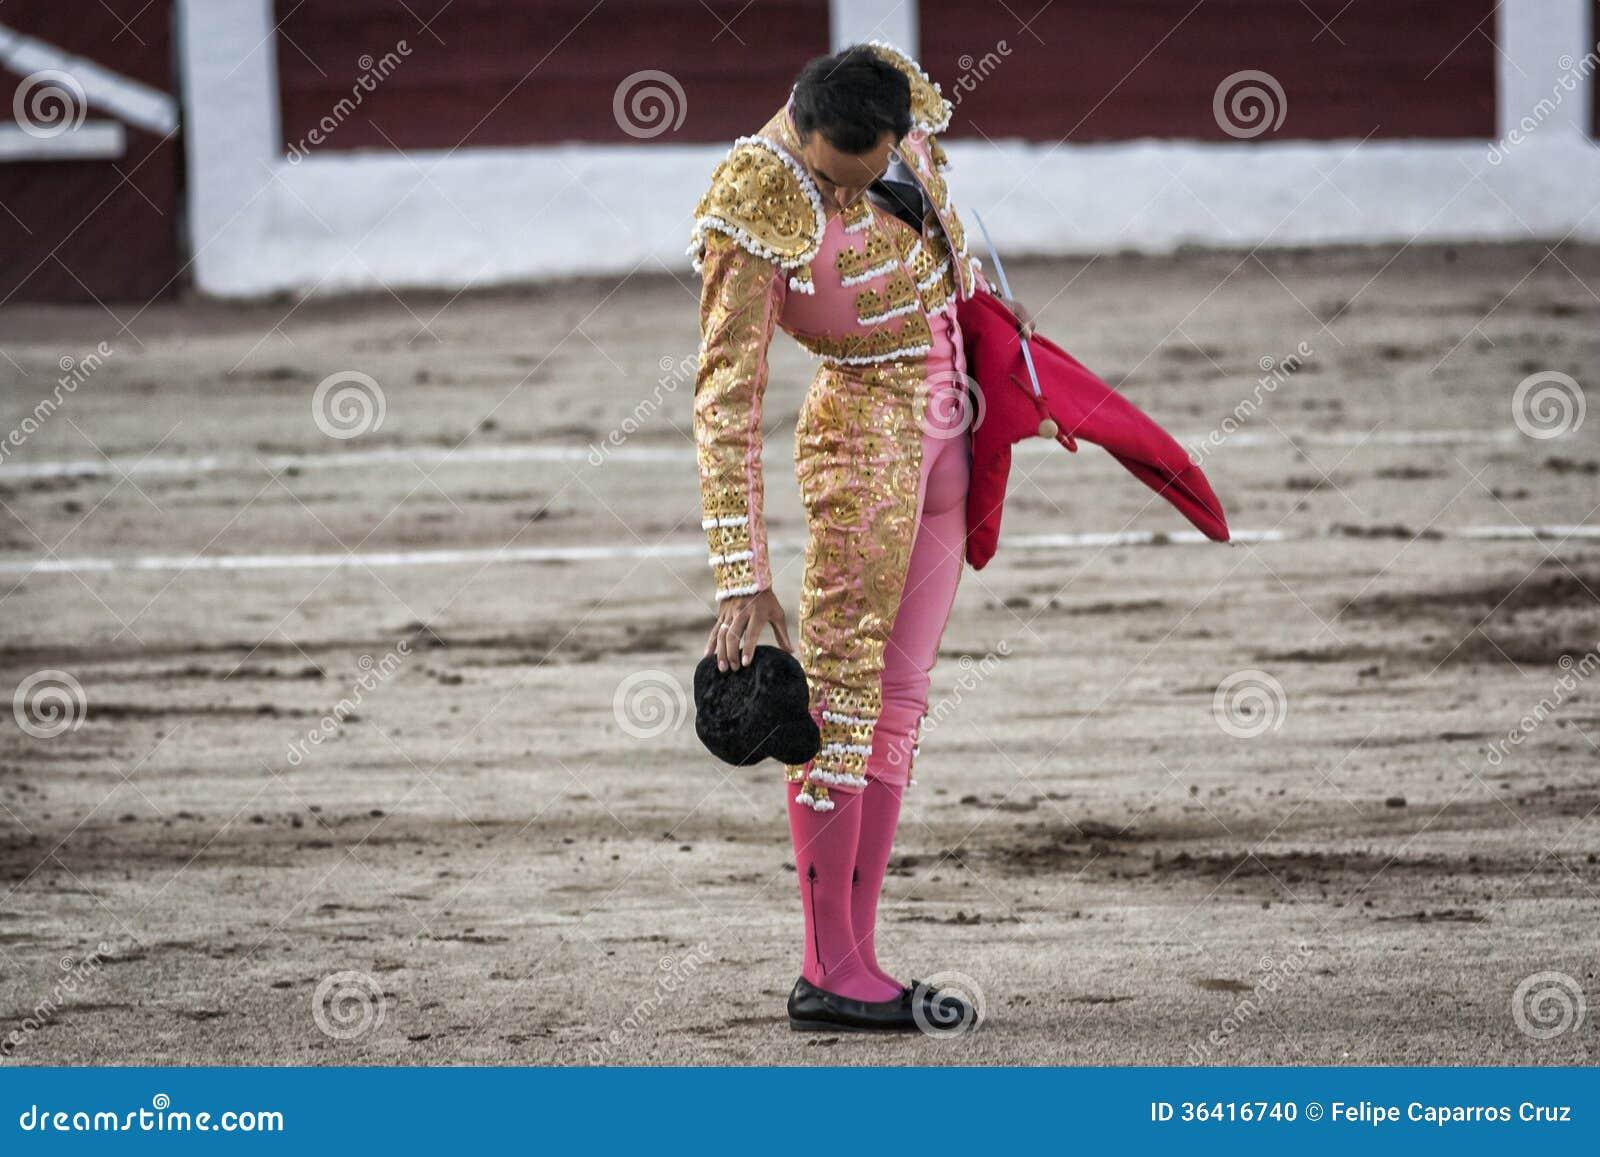 O toureiro espanhol Manuel Jesus El Cid deixa cair seu chapéu na terra 8dce7a1d558